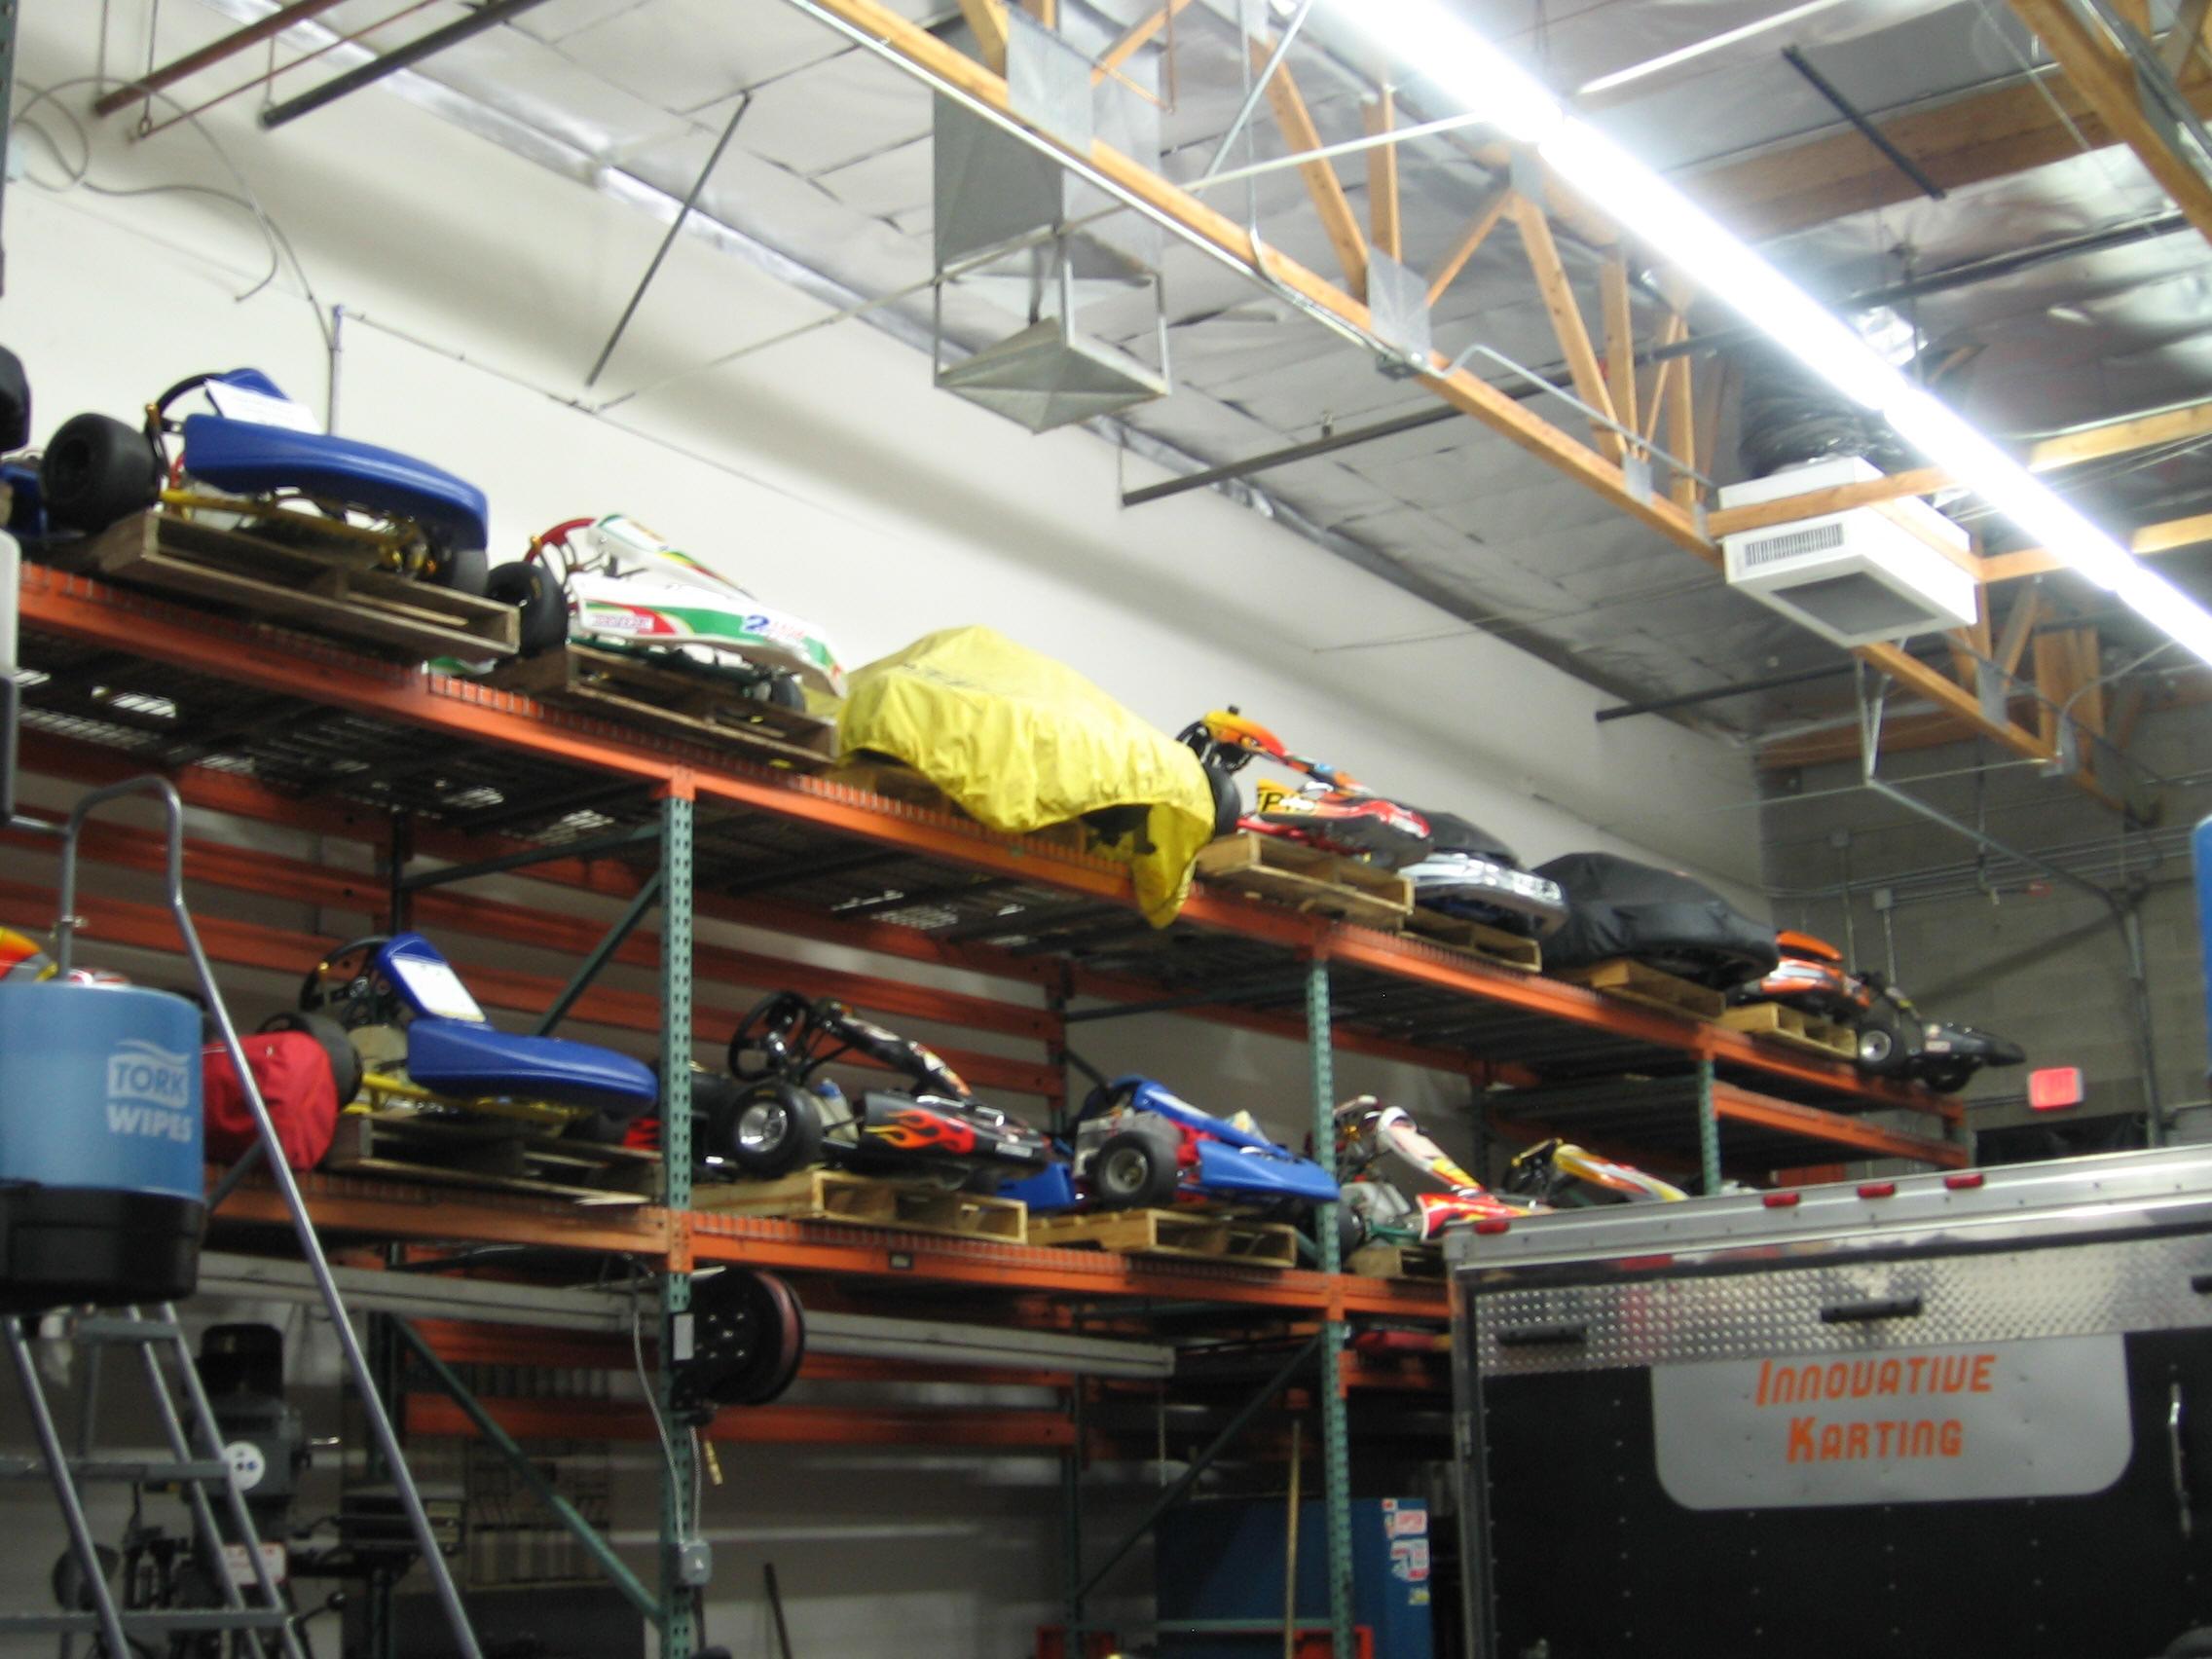 Innovative Karting- Arizona Dealer For VLR  Tonykart Gold